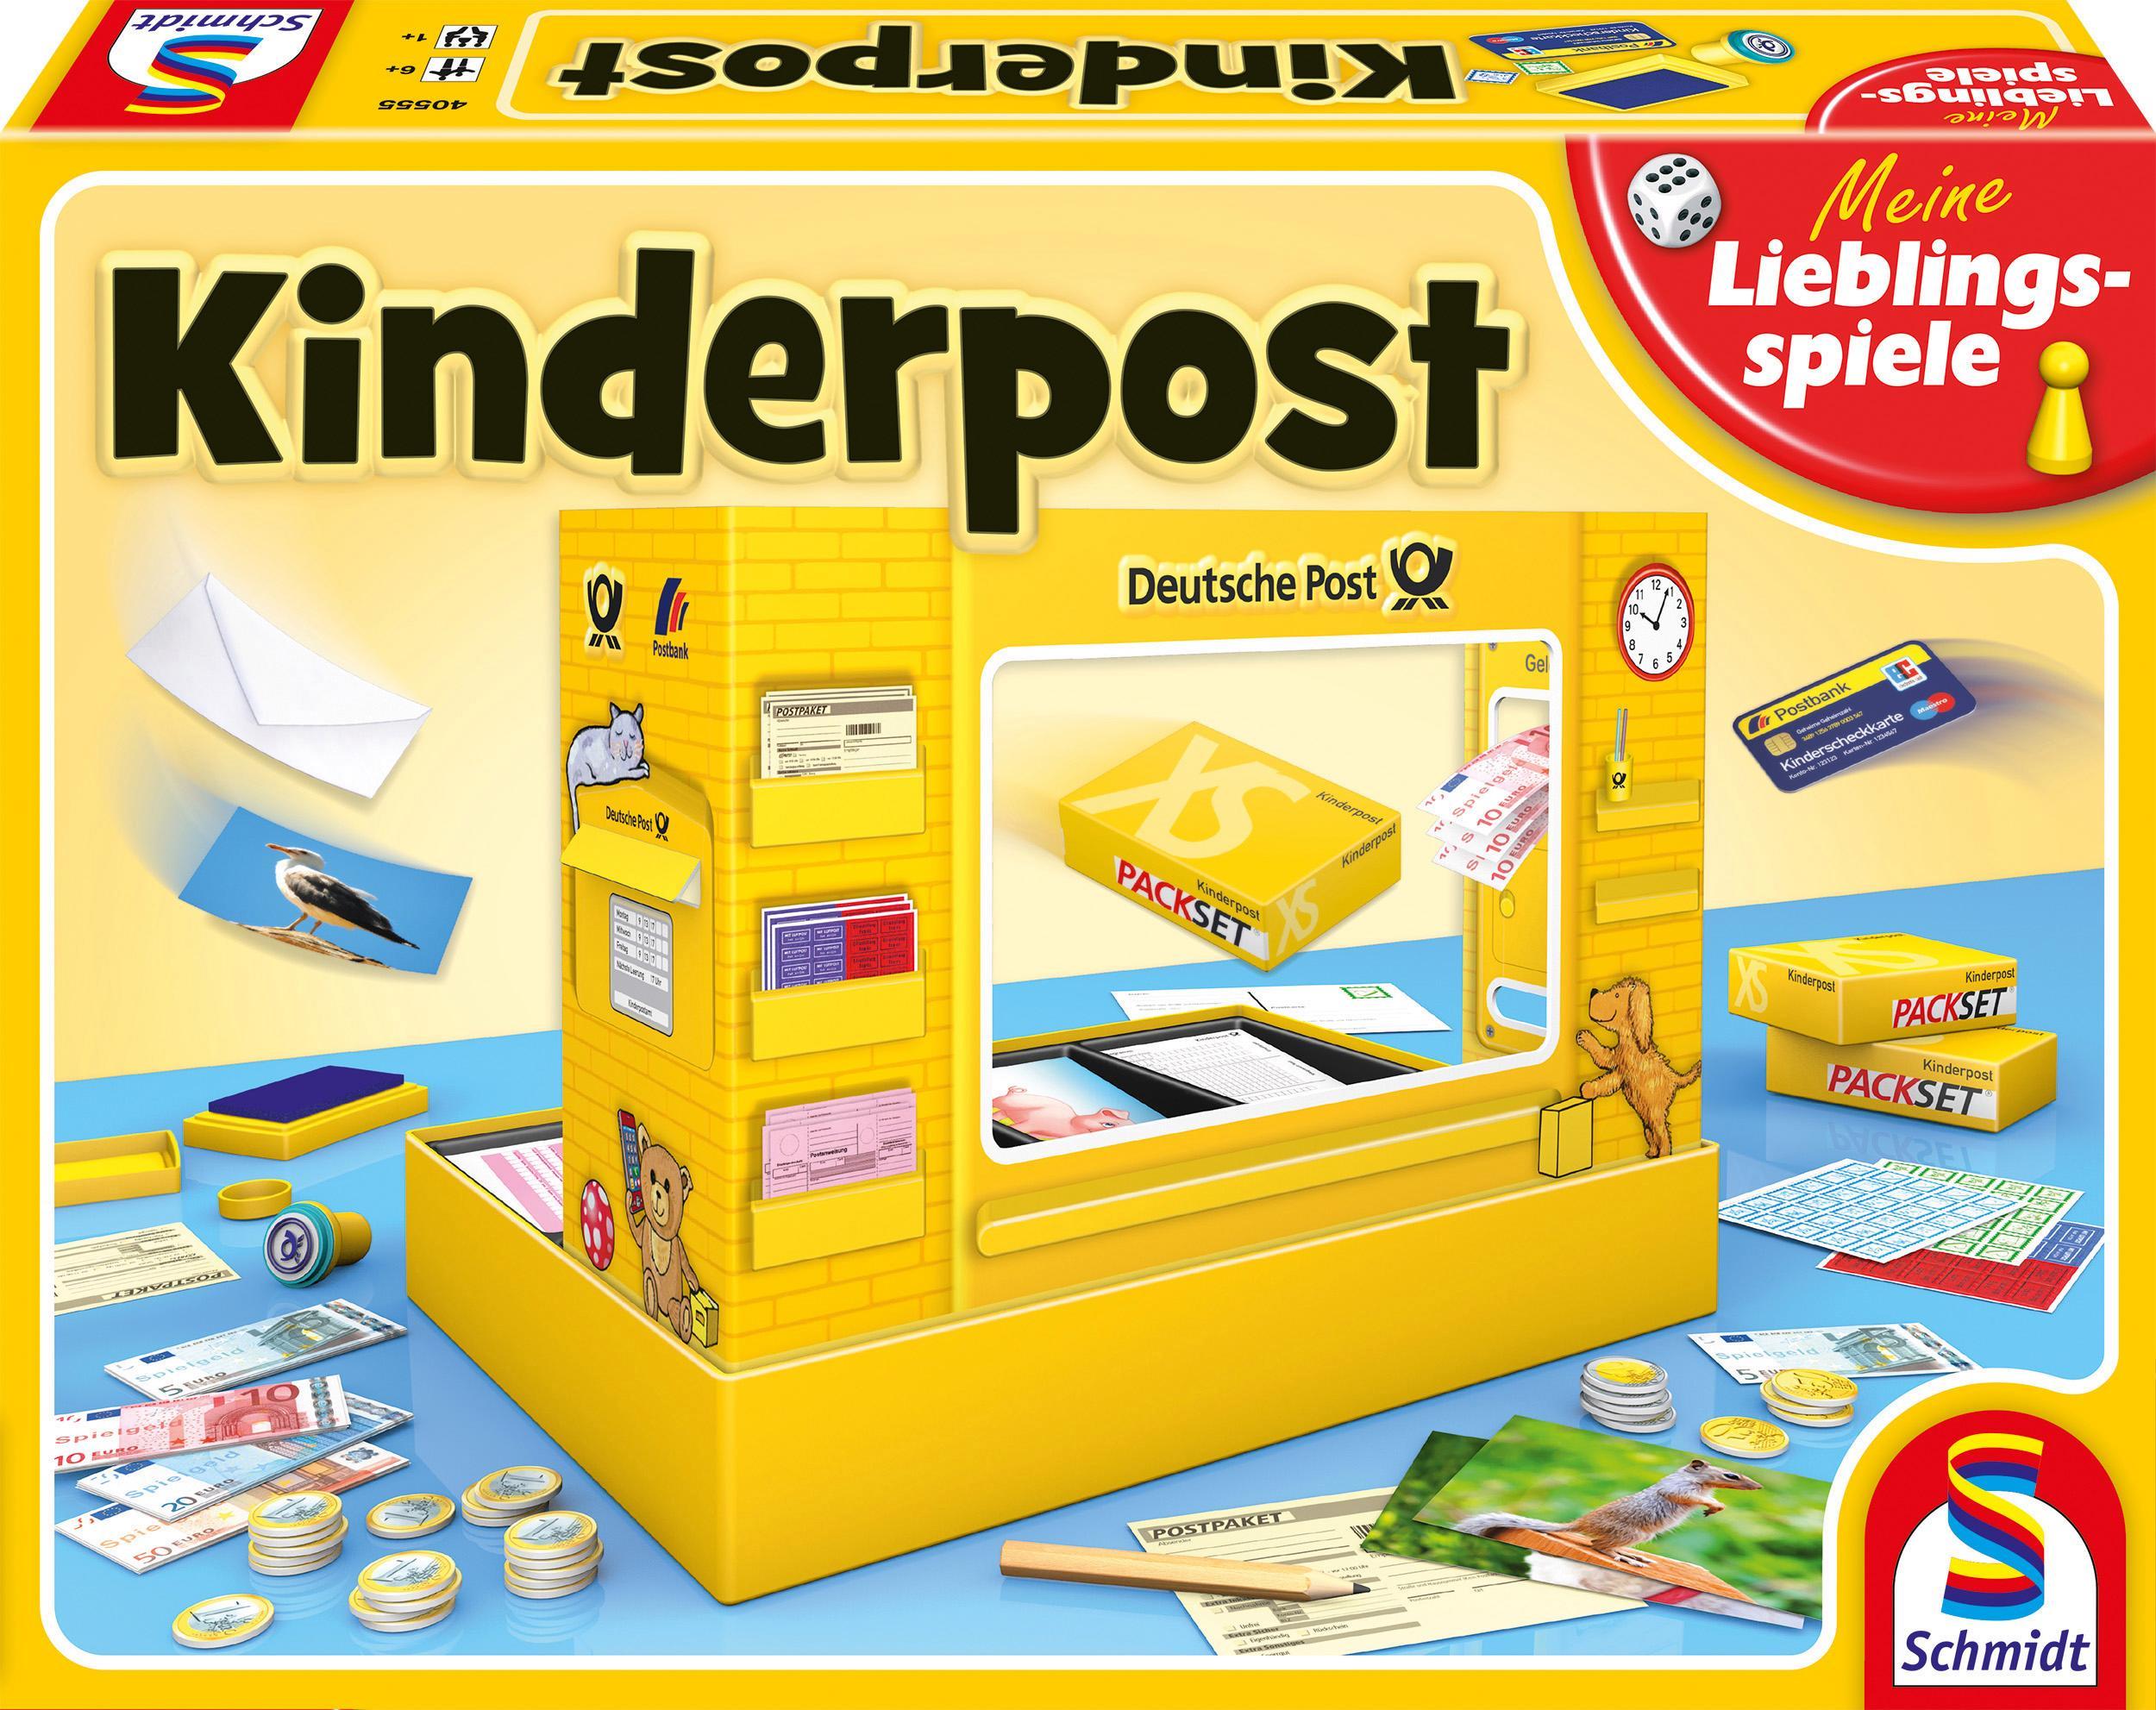 Schmidt Spiele Spiel, Kinderpost bunt Kinder Denkspiele Gesellschaftsspiele